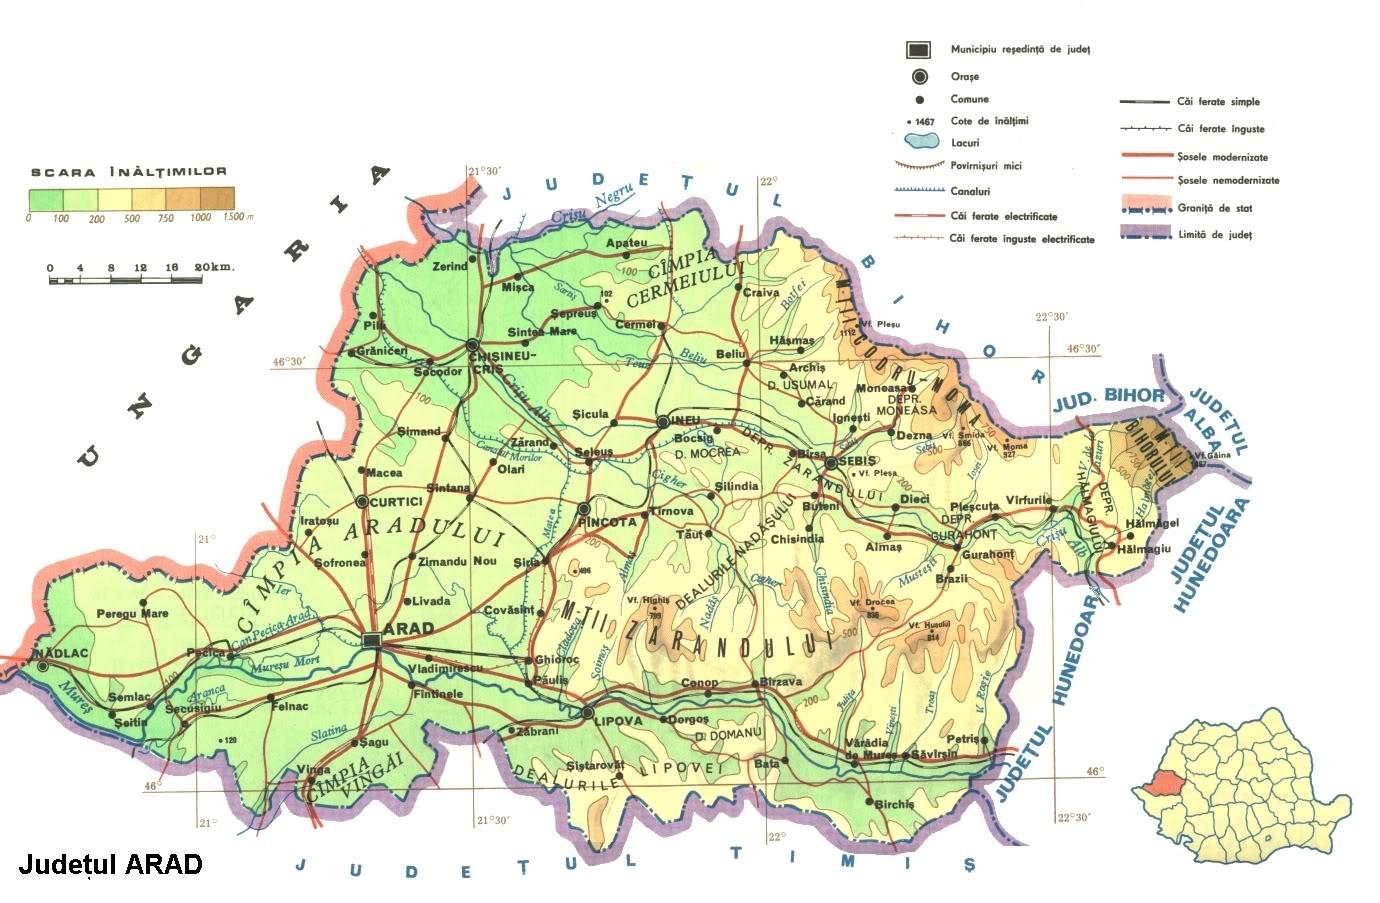 harta turistica judetului ilfov Romania Live: Harta Romaniei live webcam Romania harta turistica judetului ilfov